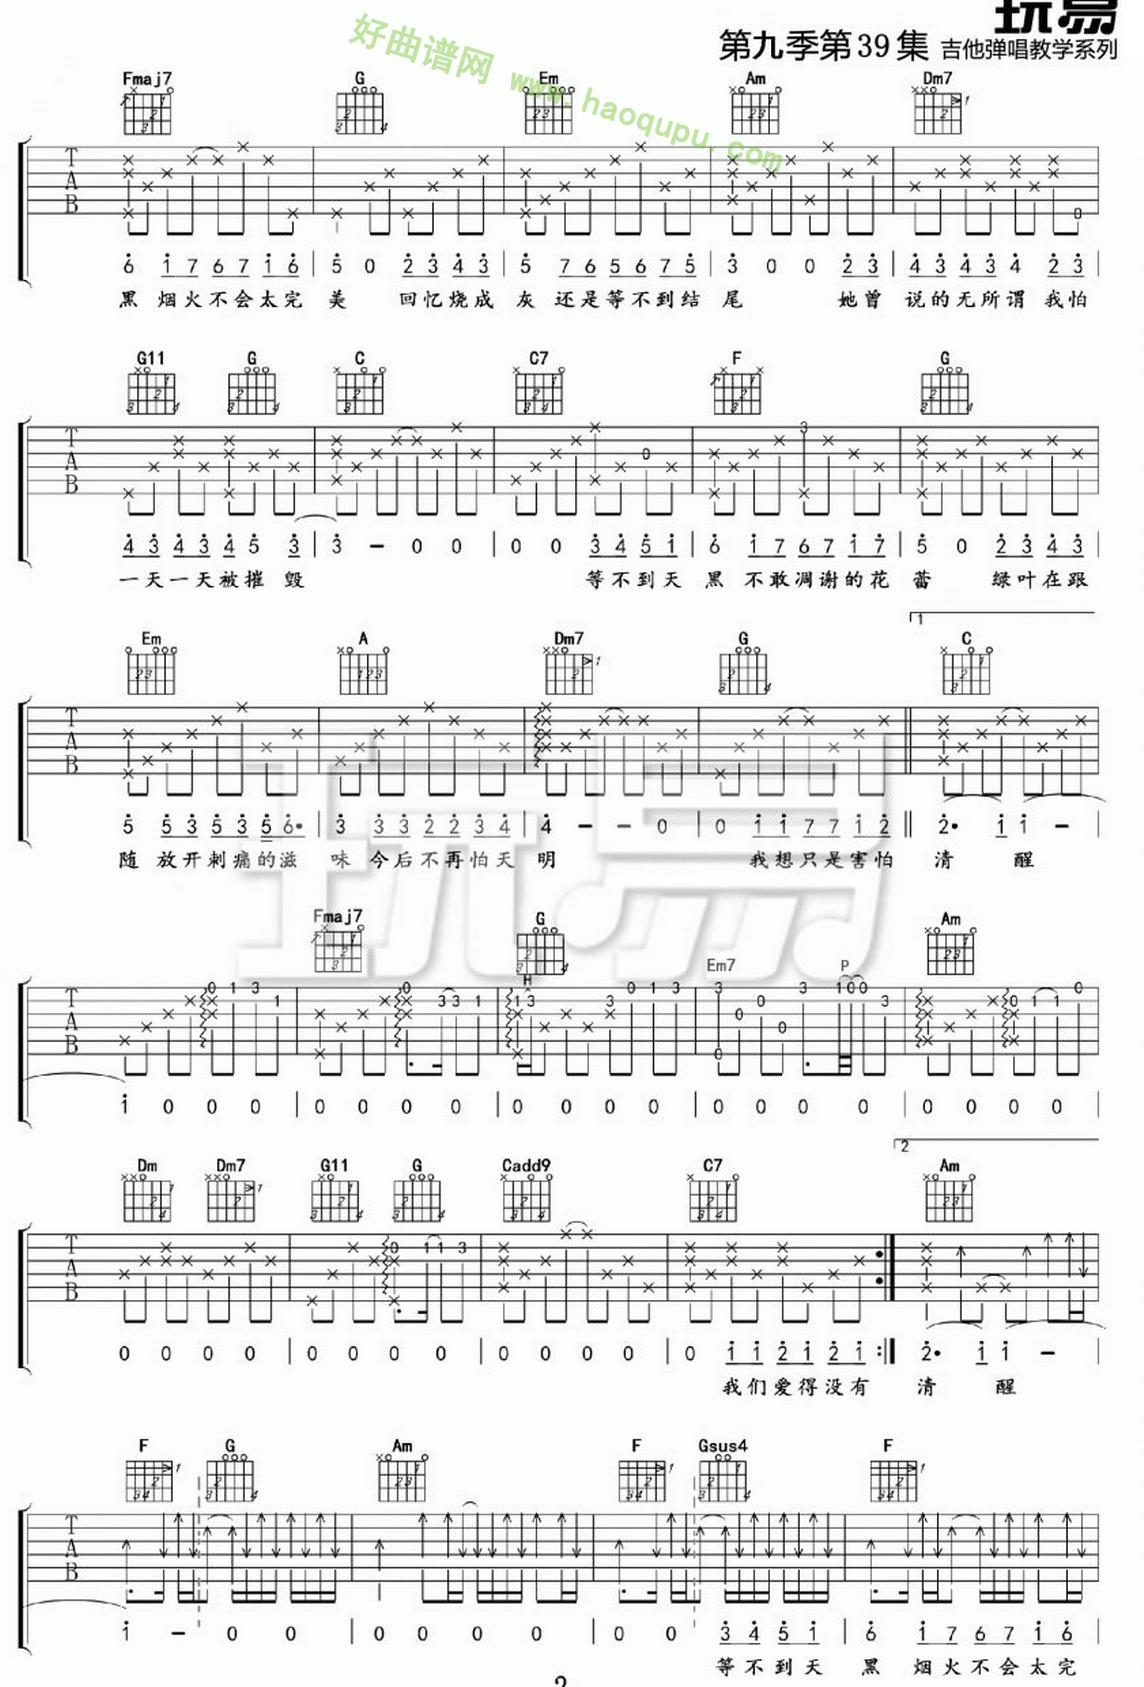 《她说》(张碧晨演唱)吉他谱第2张